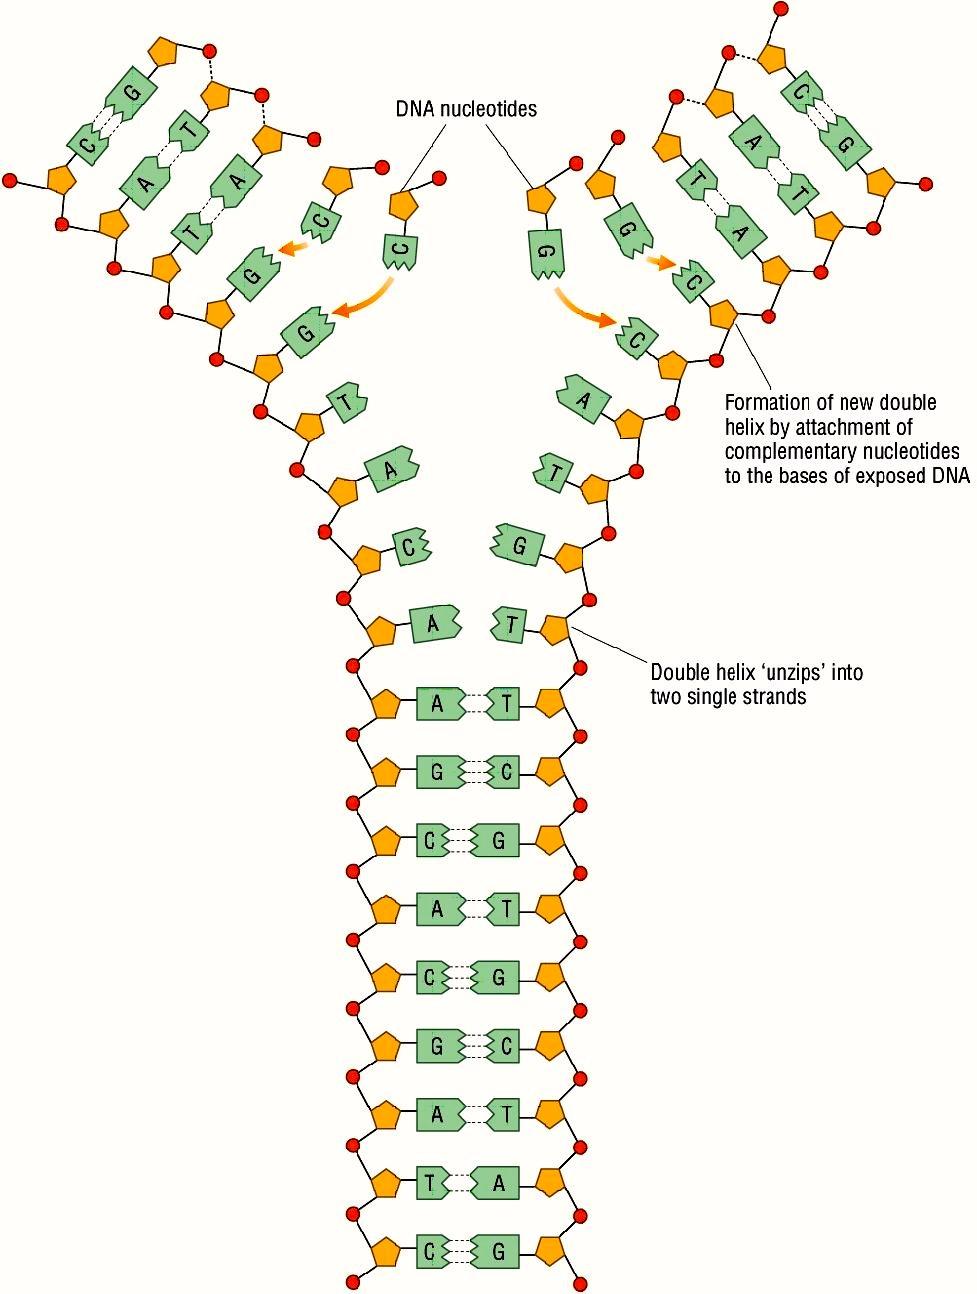 Biología sintética: Ampliando el alfabeto genético | Blogs ...